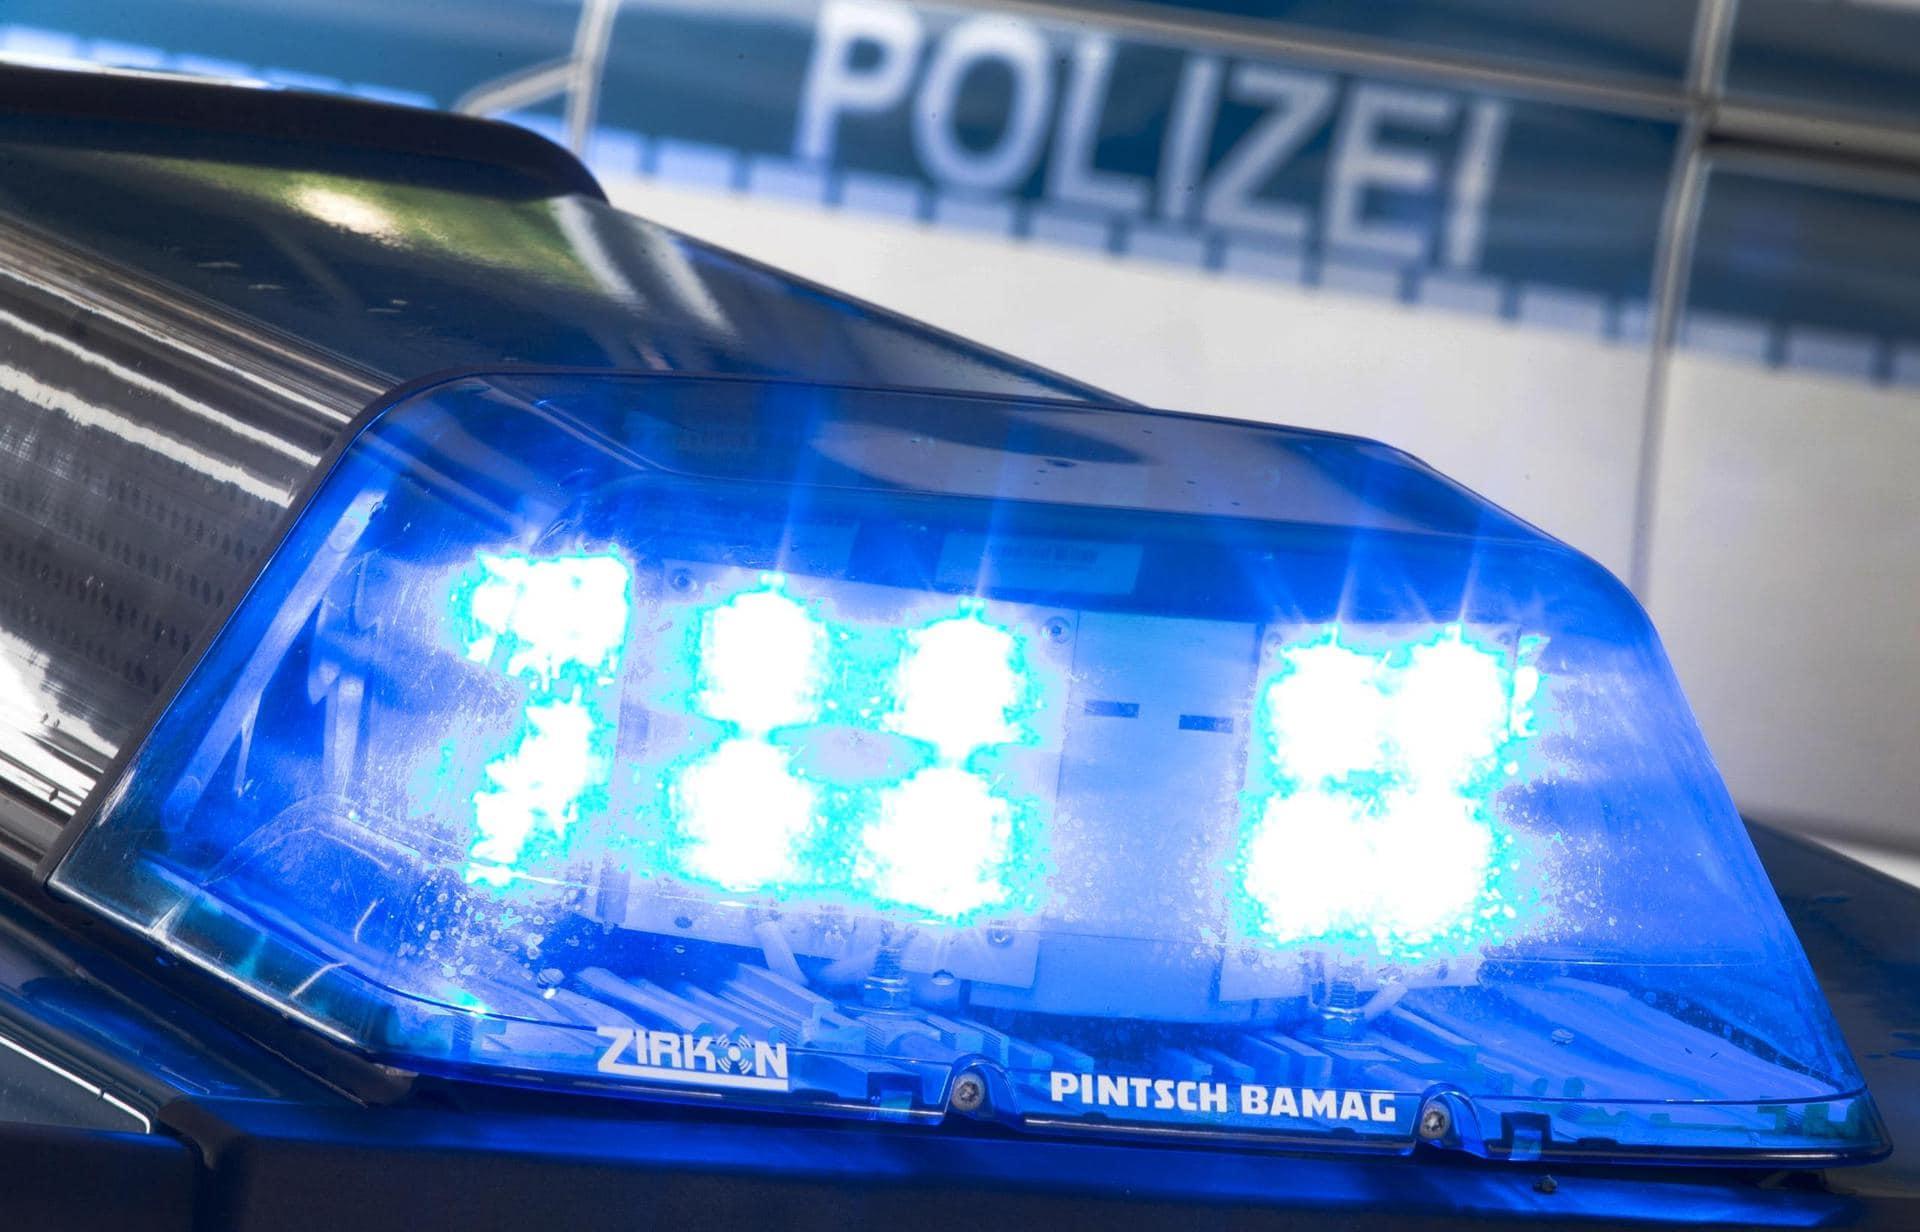 Regensburg: Mutmaßlicher Dieb festgenommen 2 Jahre nach Fahrrad-Raubzug